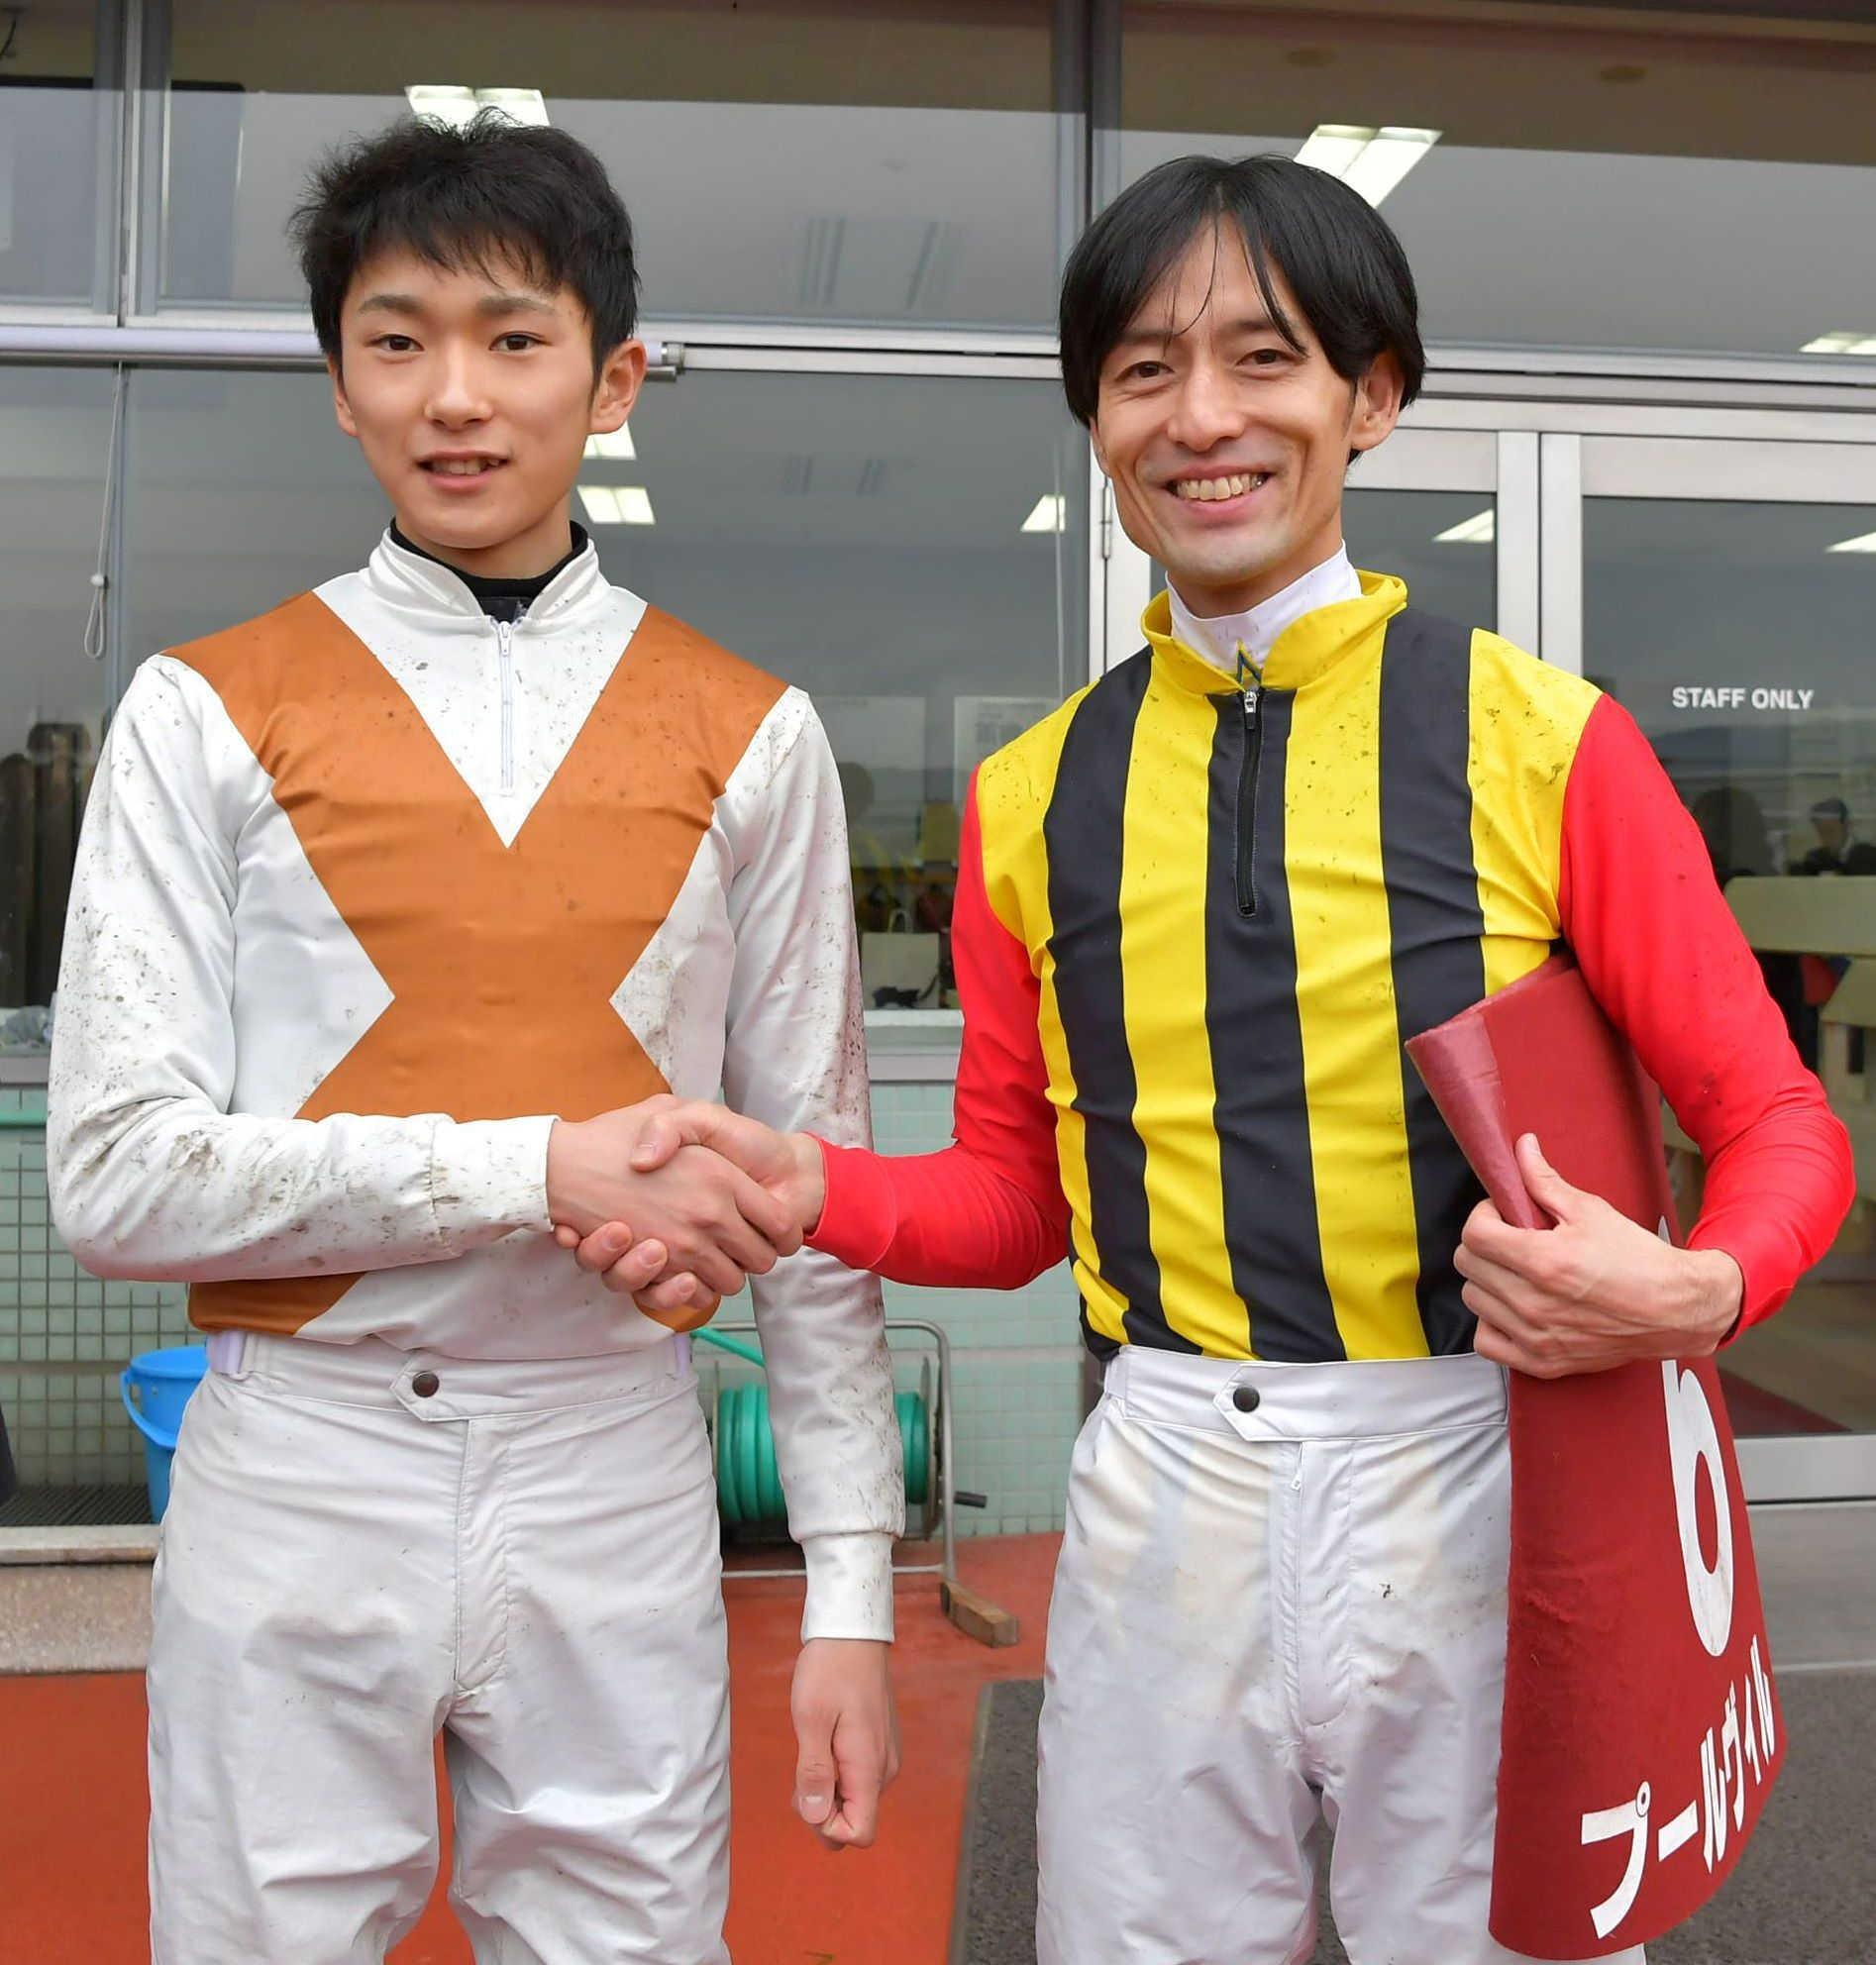 1着同着となり握手を交わす坂井(左)と秋山